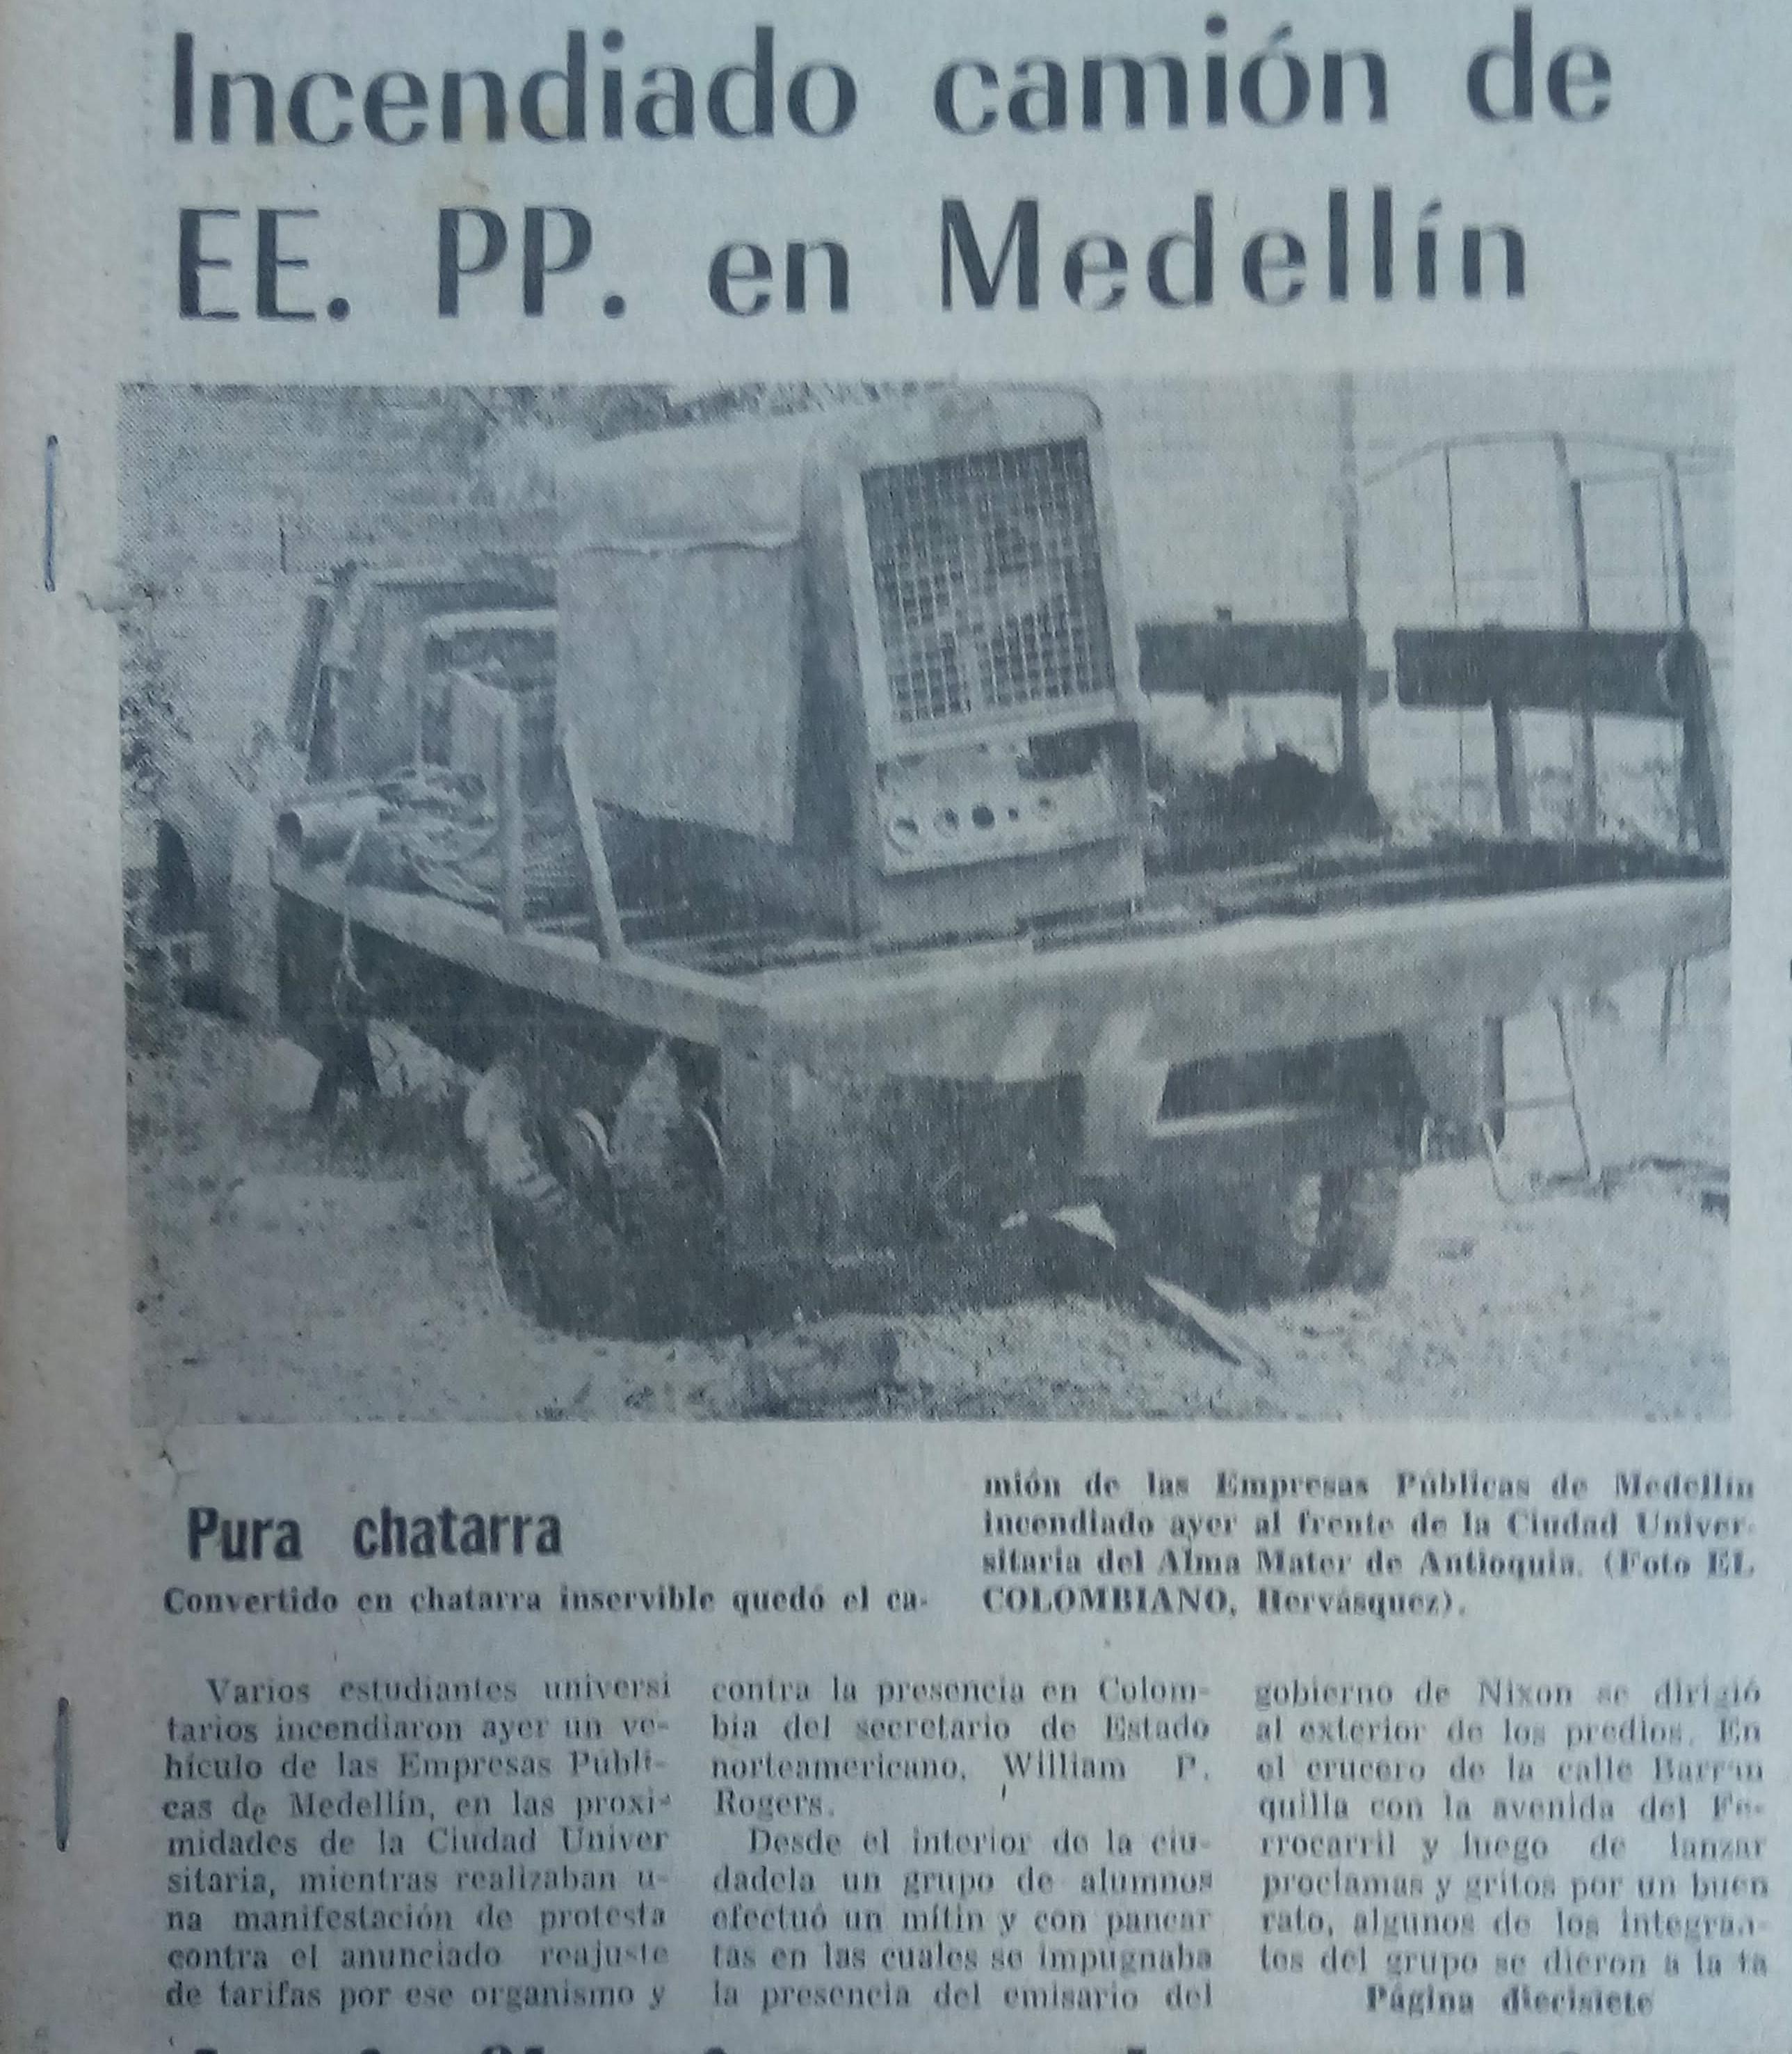 Fotografía tomada de la edición del 18 de mayo de 1973 del periódico El Colombiano.